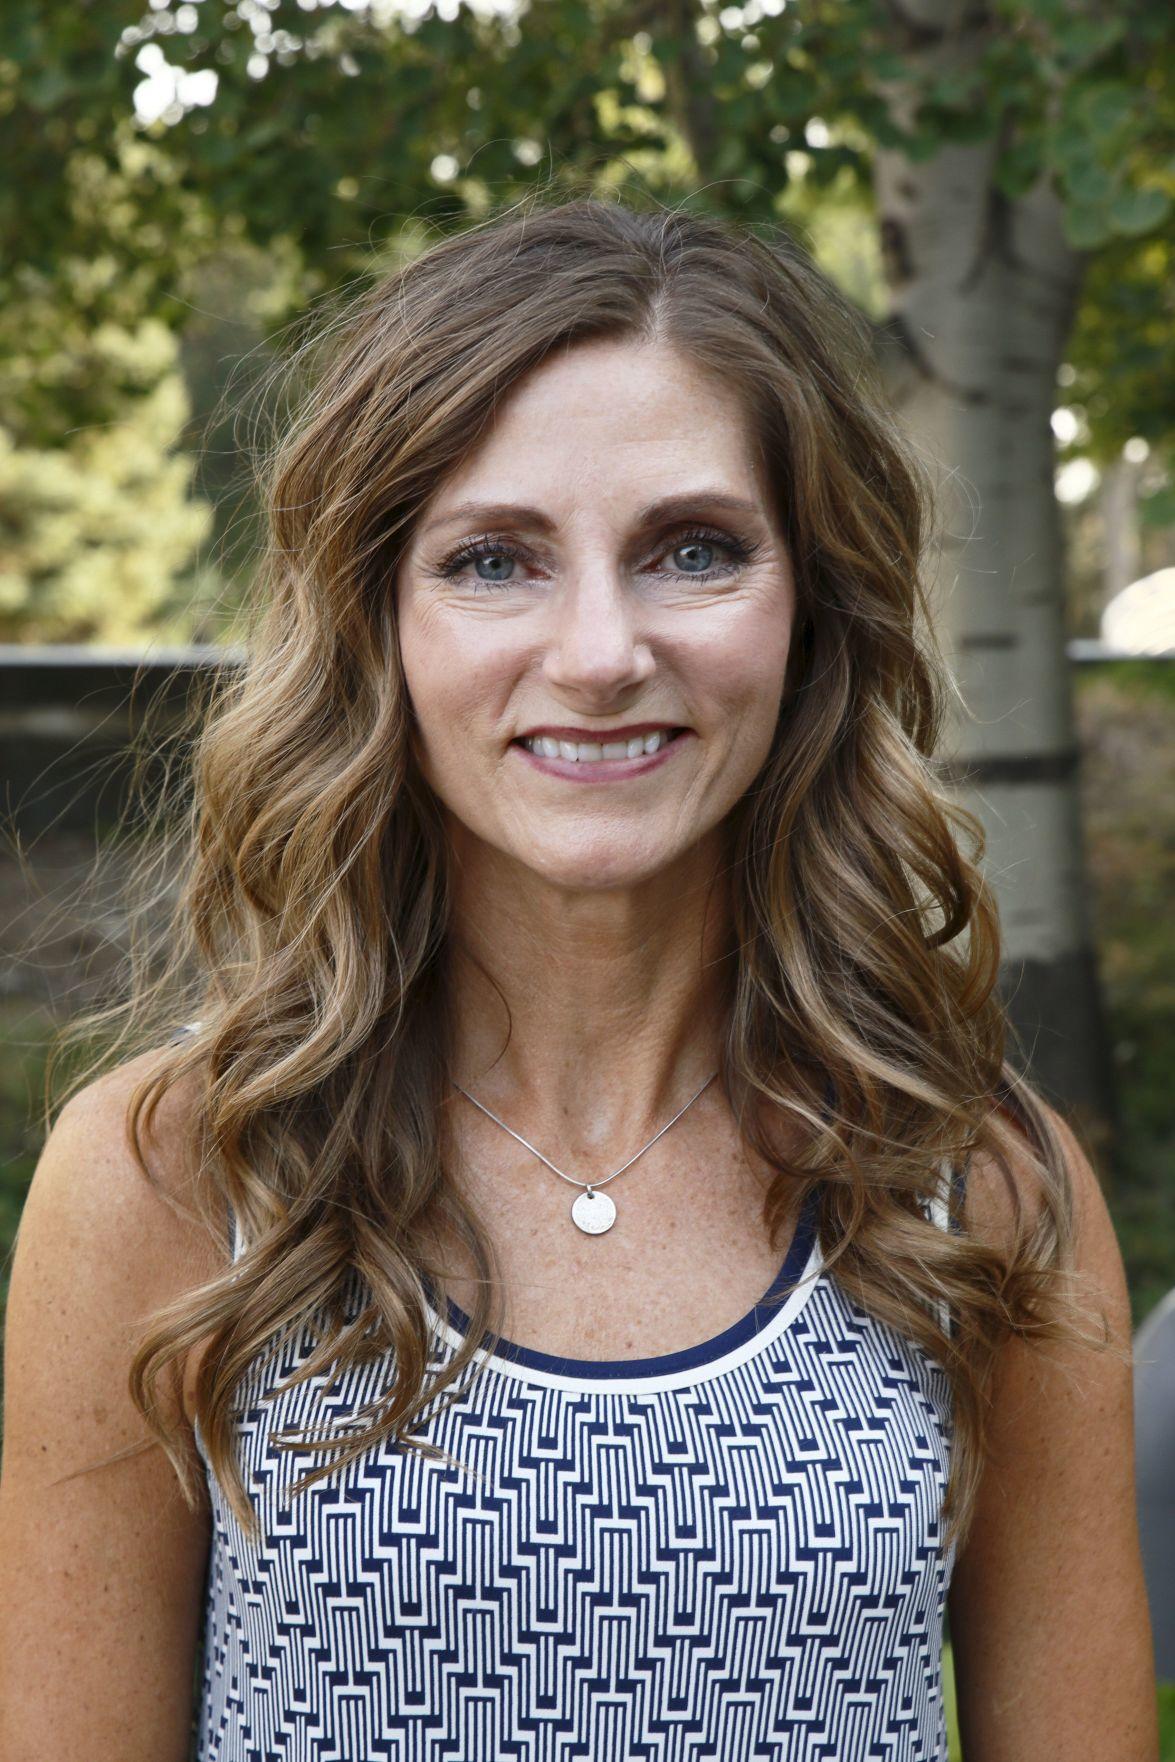 Sara Otte Coleman